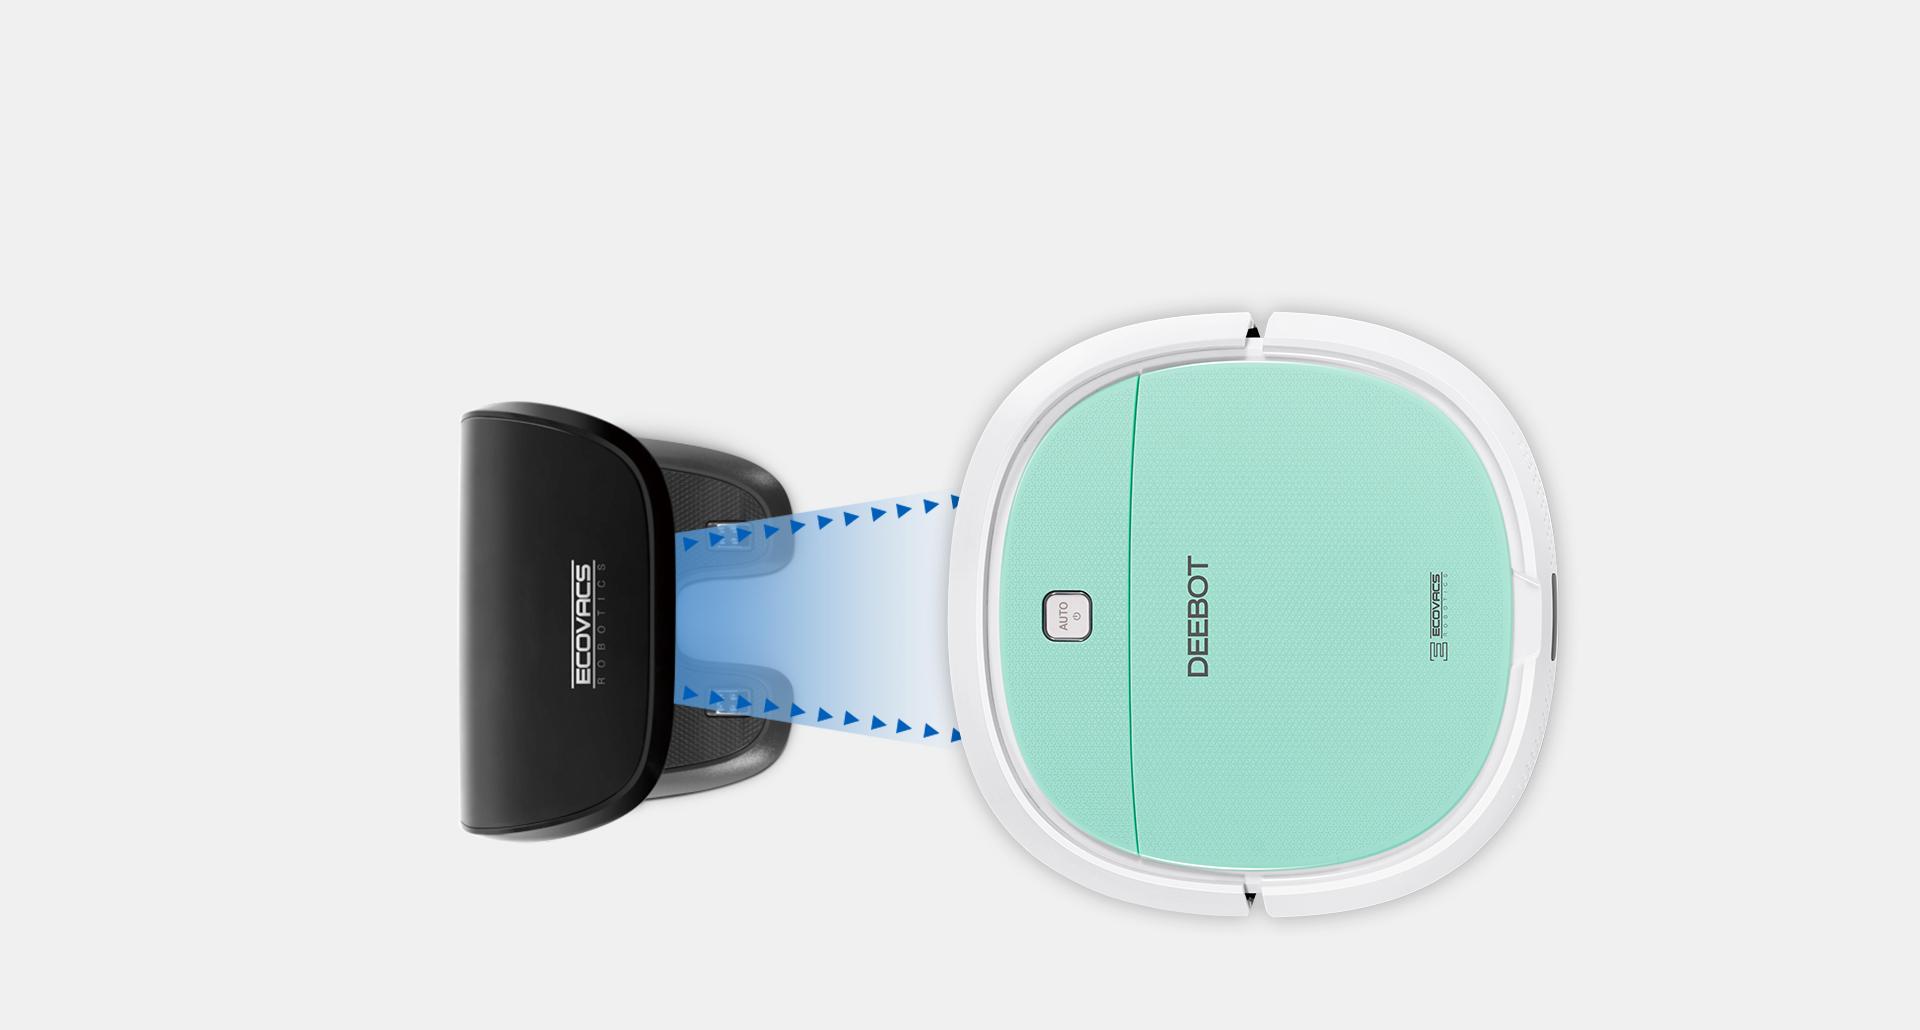 deebot mini rechargement